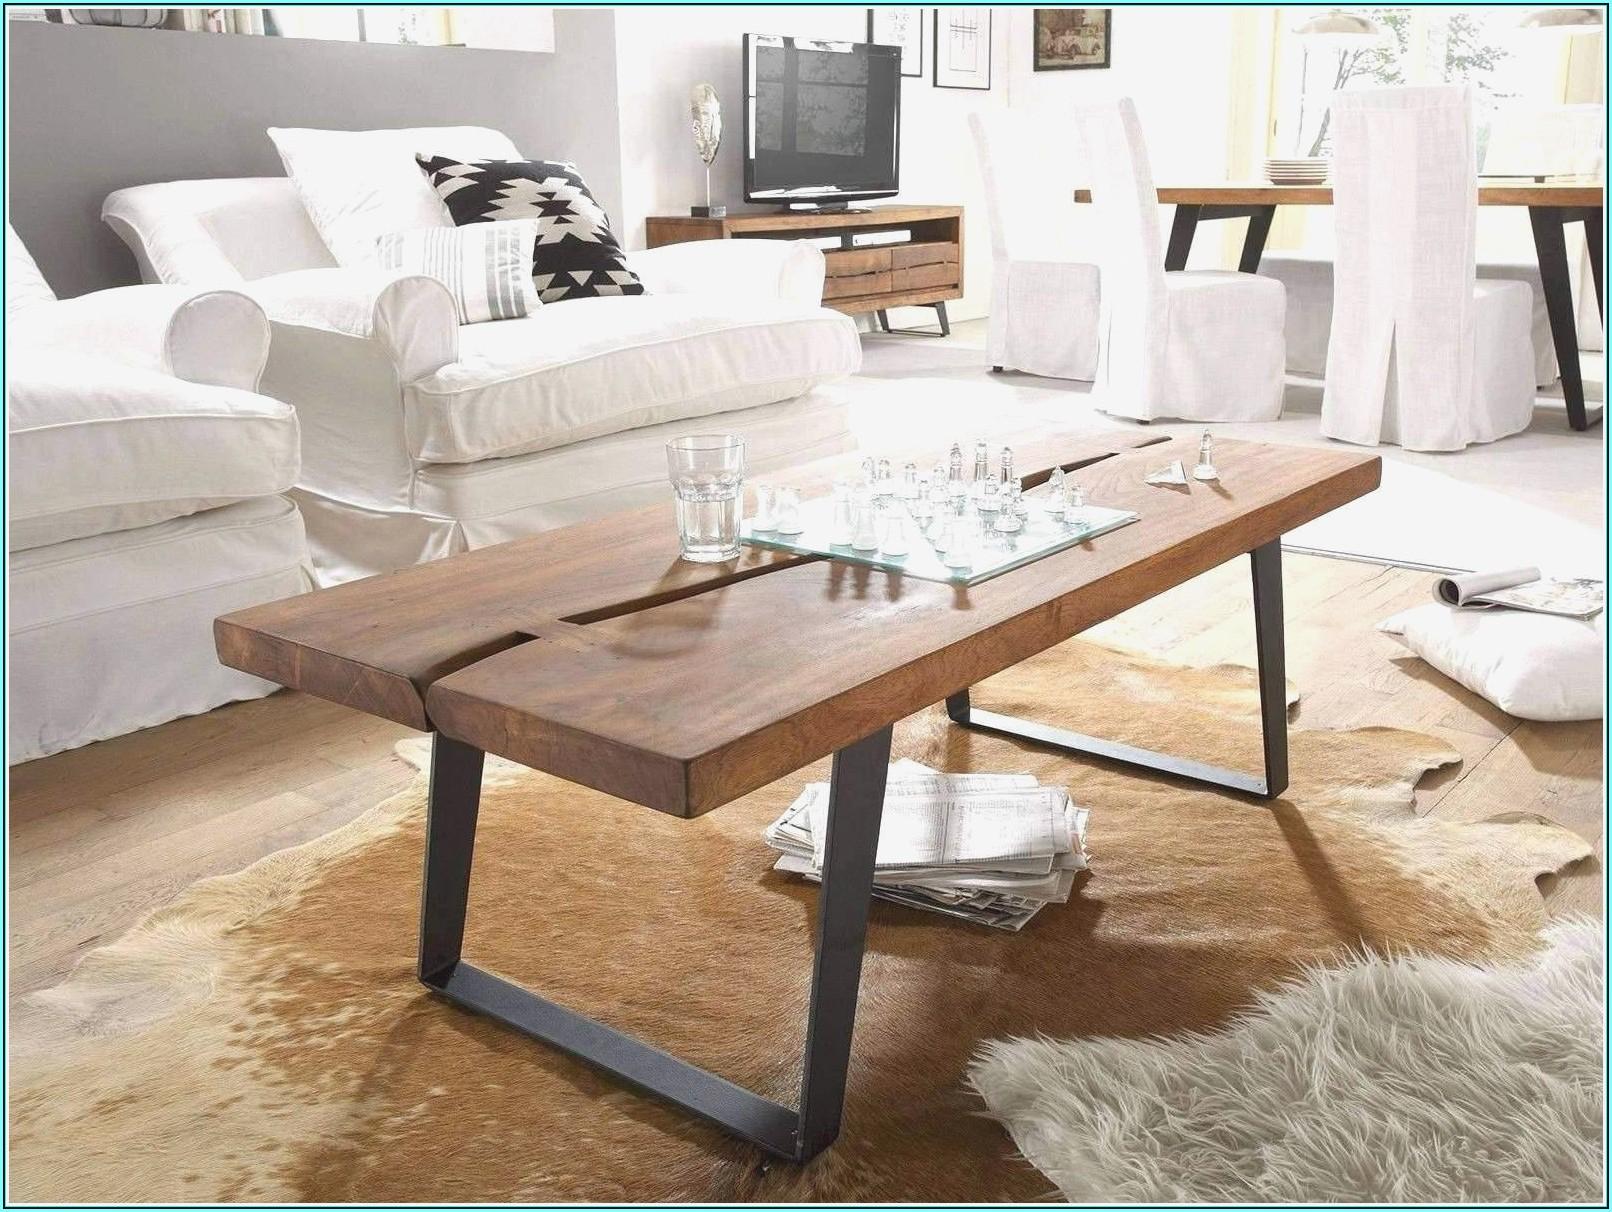 Wohnzimmer Ideen Mit Esstisch